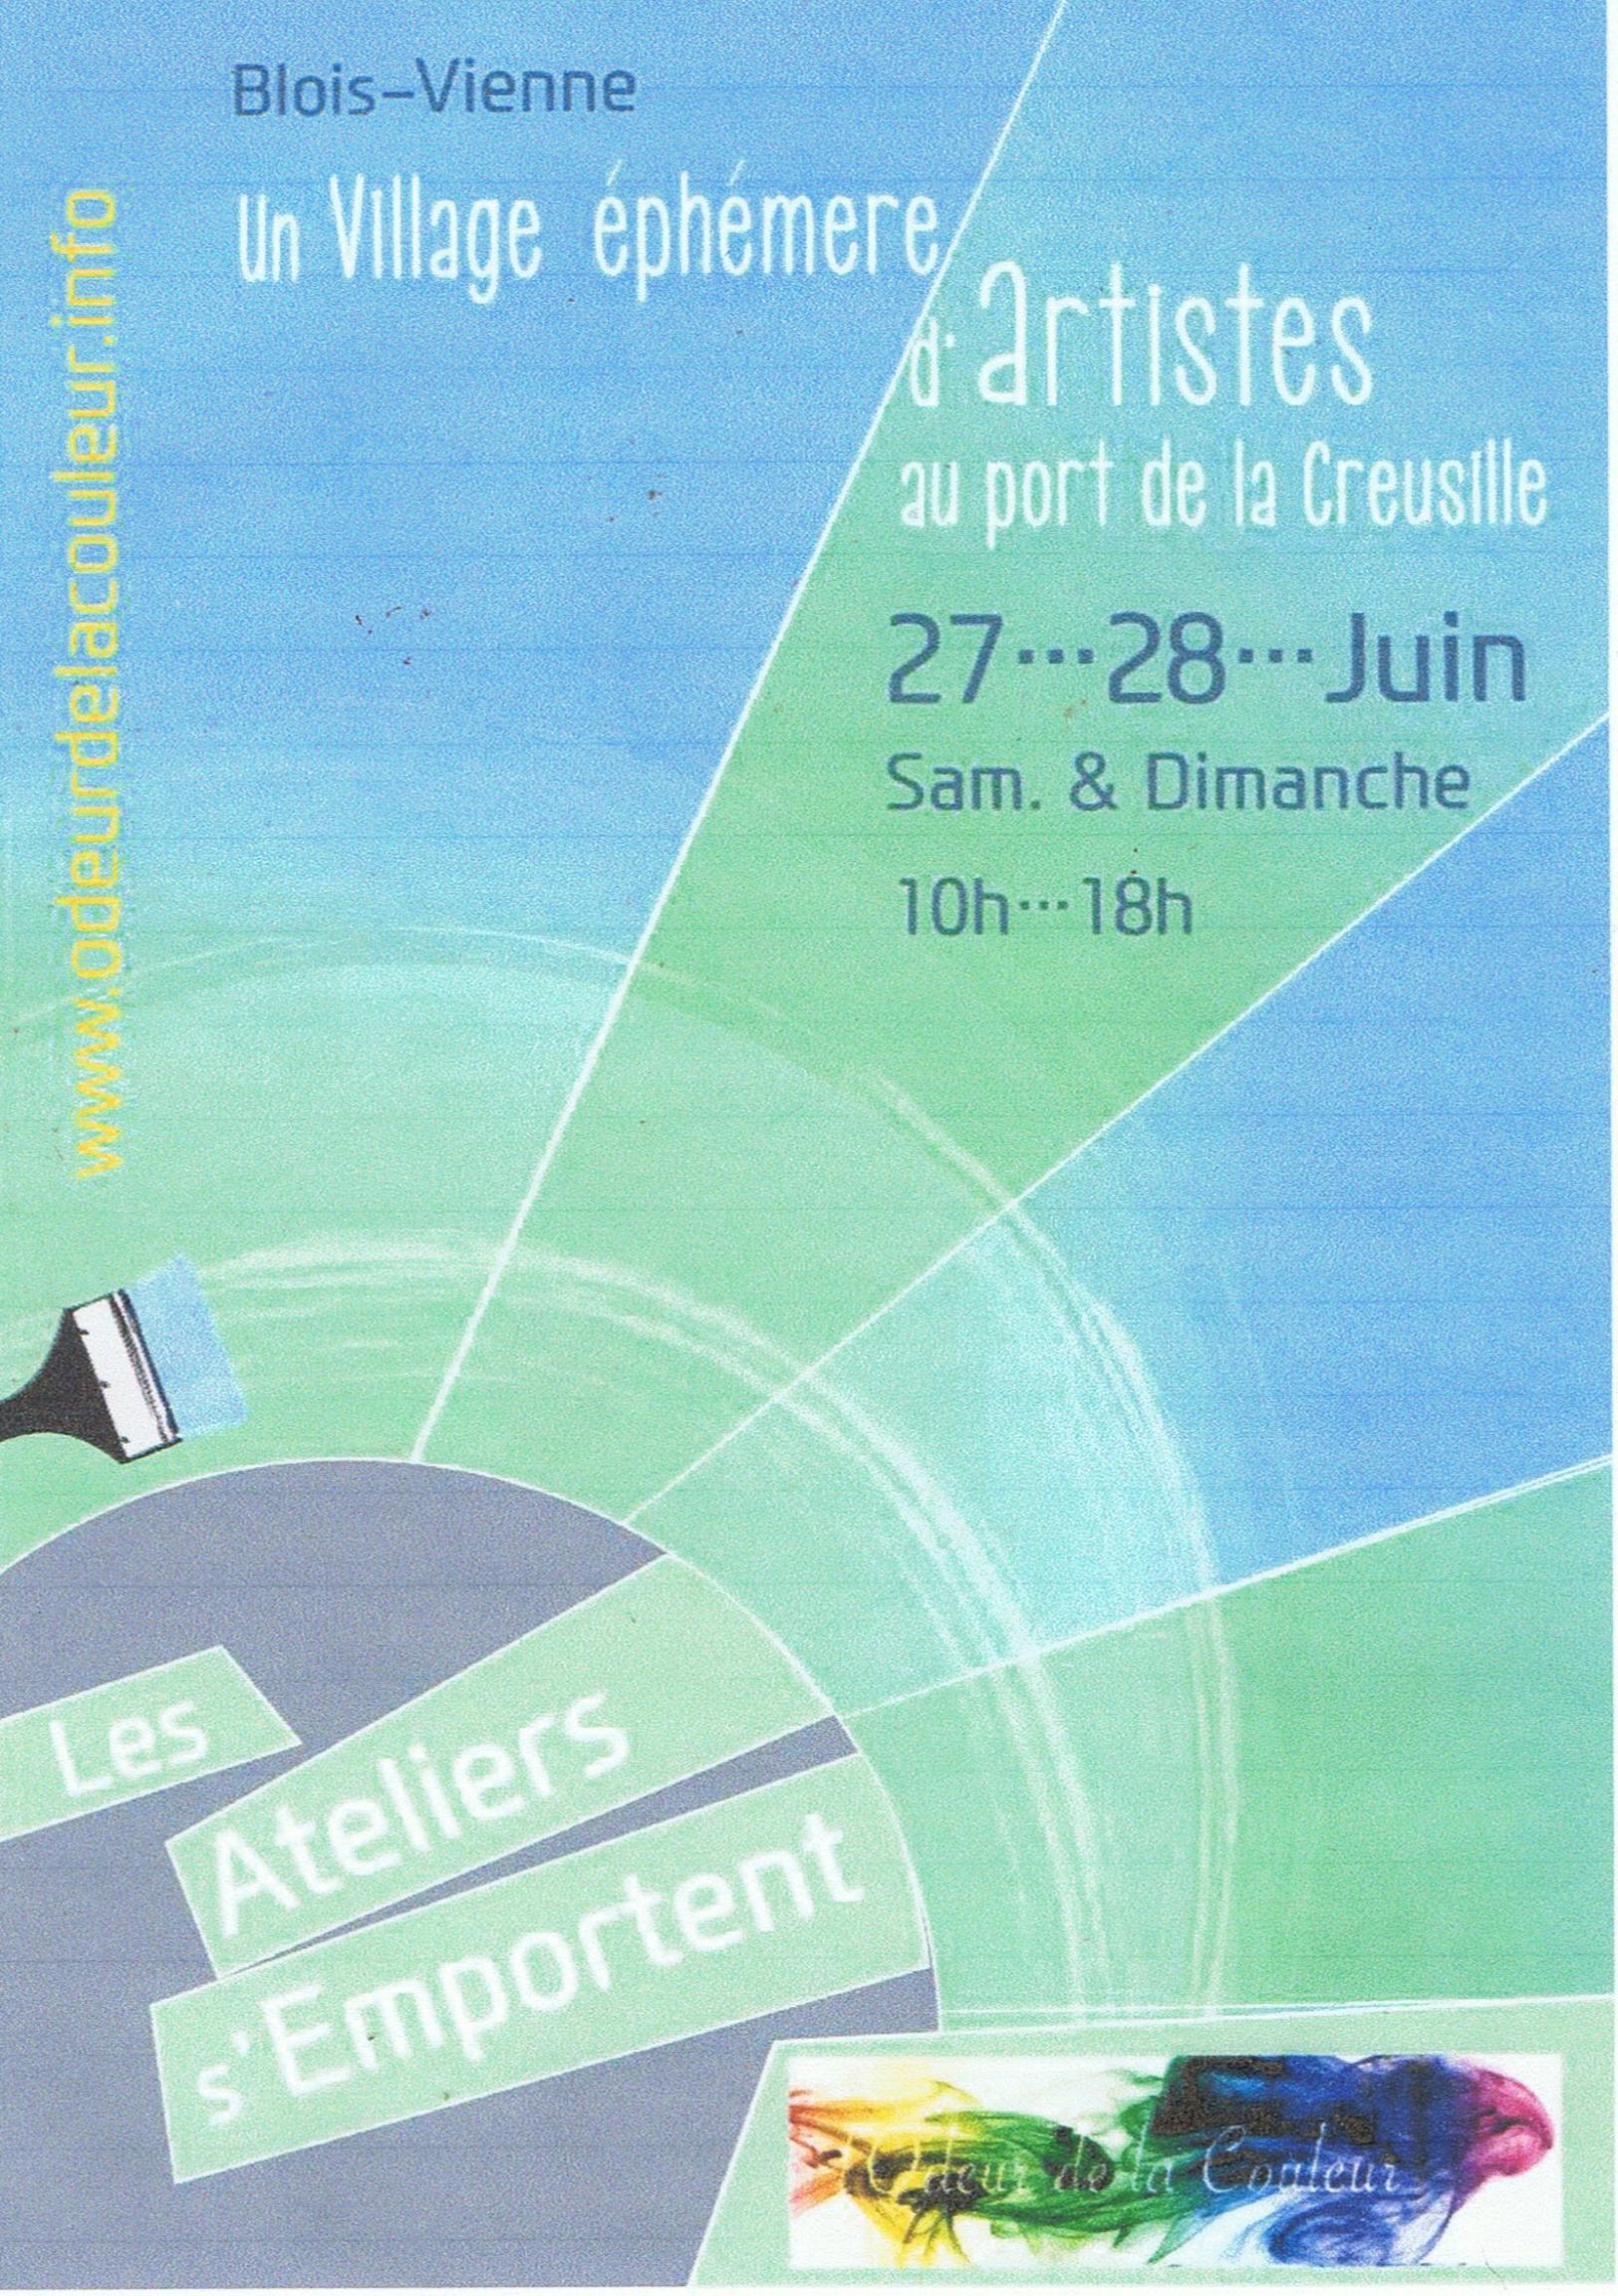 Actualité de NICOLE BOURGAIT THIERRY LE SET DES FLEURS BLOIS. EXPOSITION PORT DE LA CREUSILLE